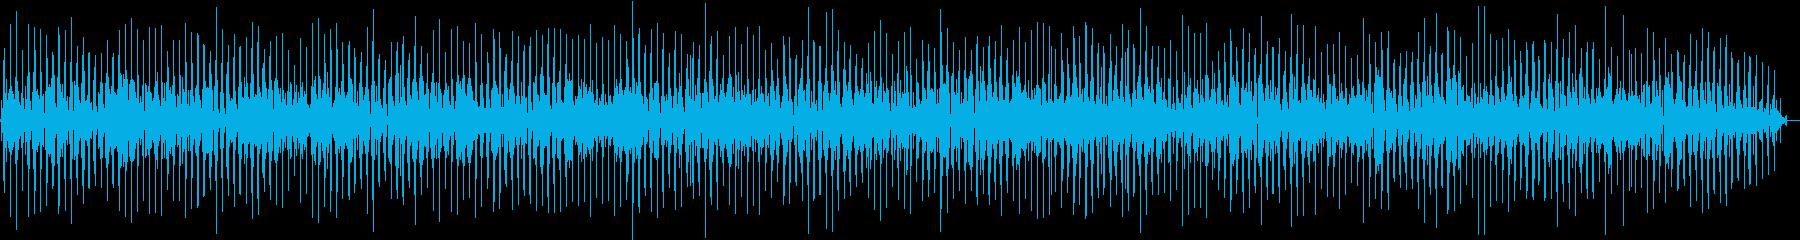 オシャレで可愛いコミカルリズムの再生済みの波形